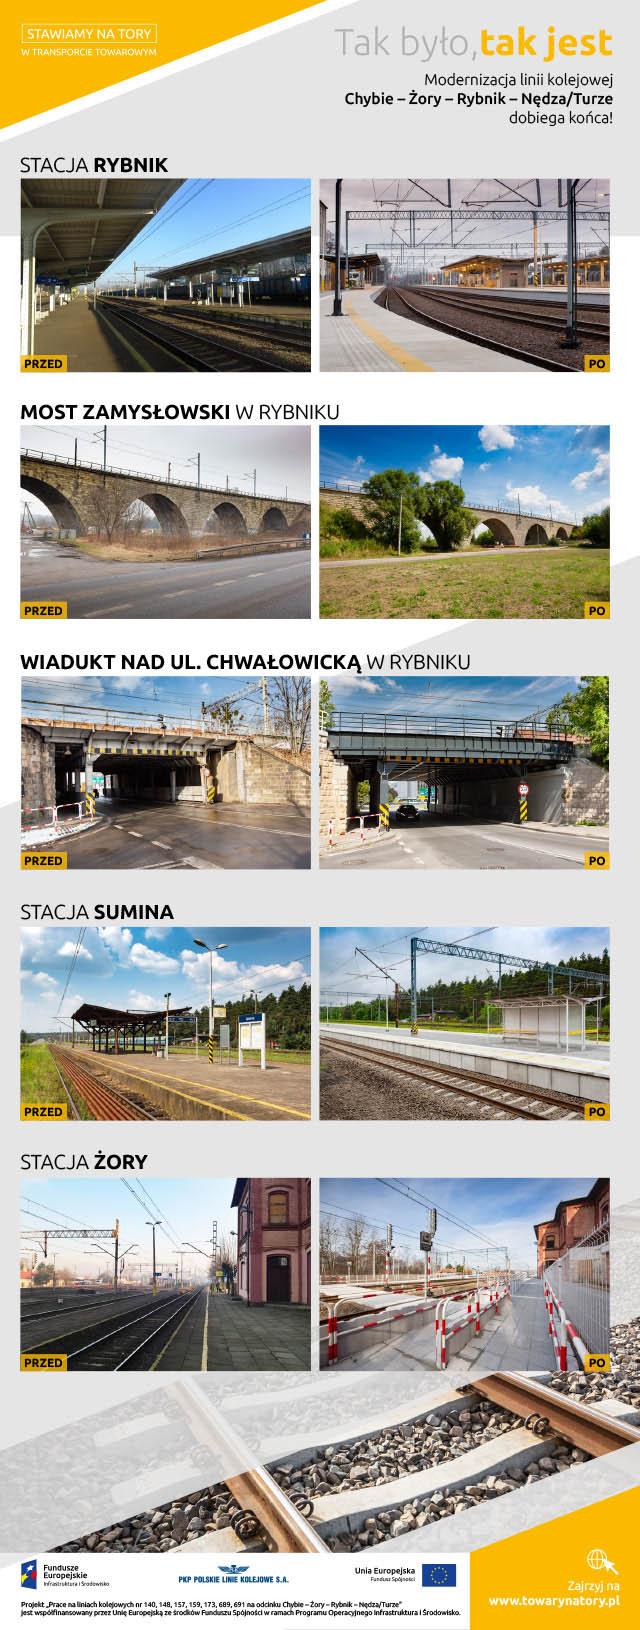 Infografika przedstawia przed i po na linii Chybie Nędza Turze. Stacja Rybniku, Most Zamysłowski w Rybniku, wiadukt nad ul. Chwałowiecką w Rybniku, stacja Sumina, stacja Żory.